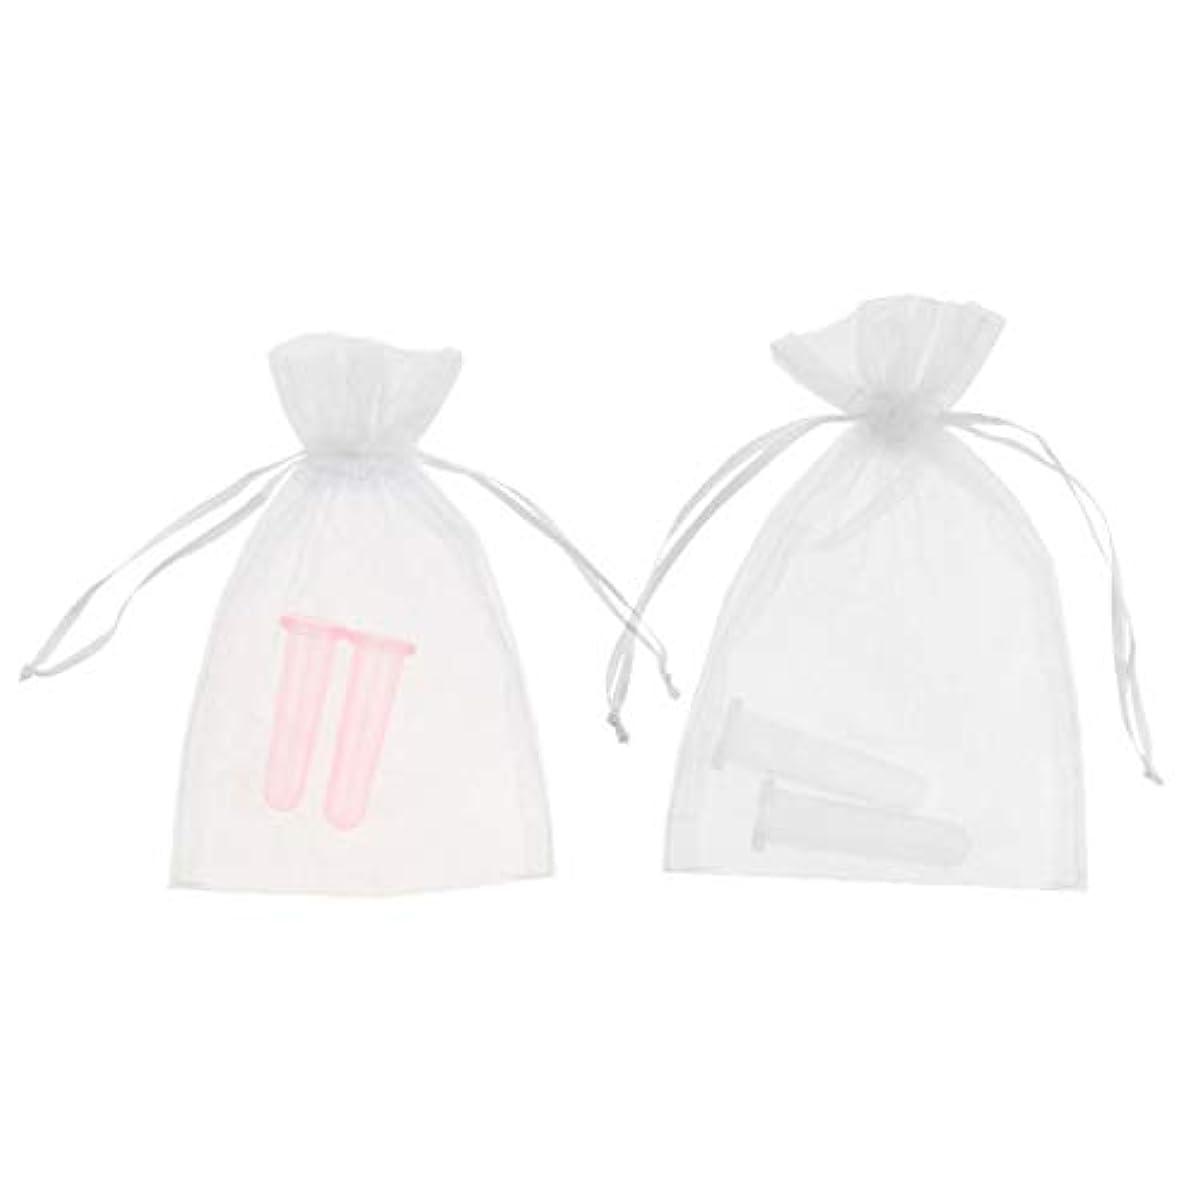 信者作家ラッチシリコーン素材 顔 首用 マッサージ 吸い玉 カッピングカップ 2個 収納ポーチ 高品質